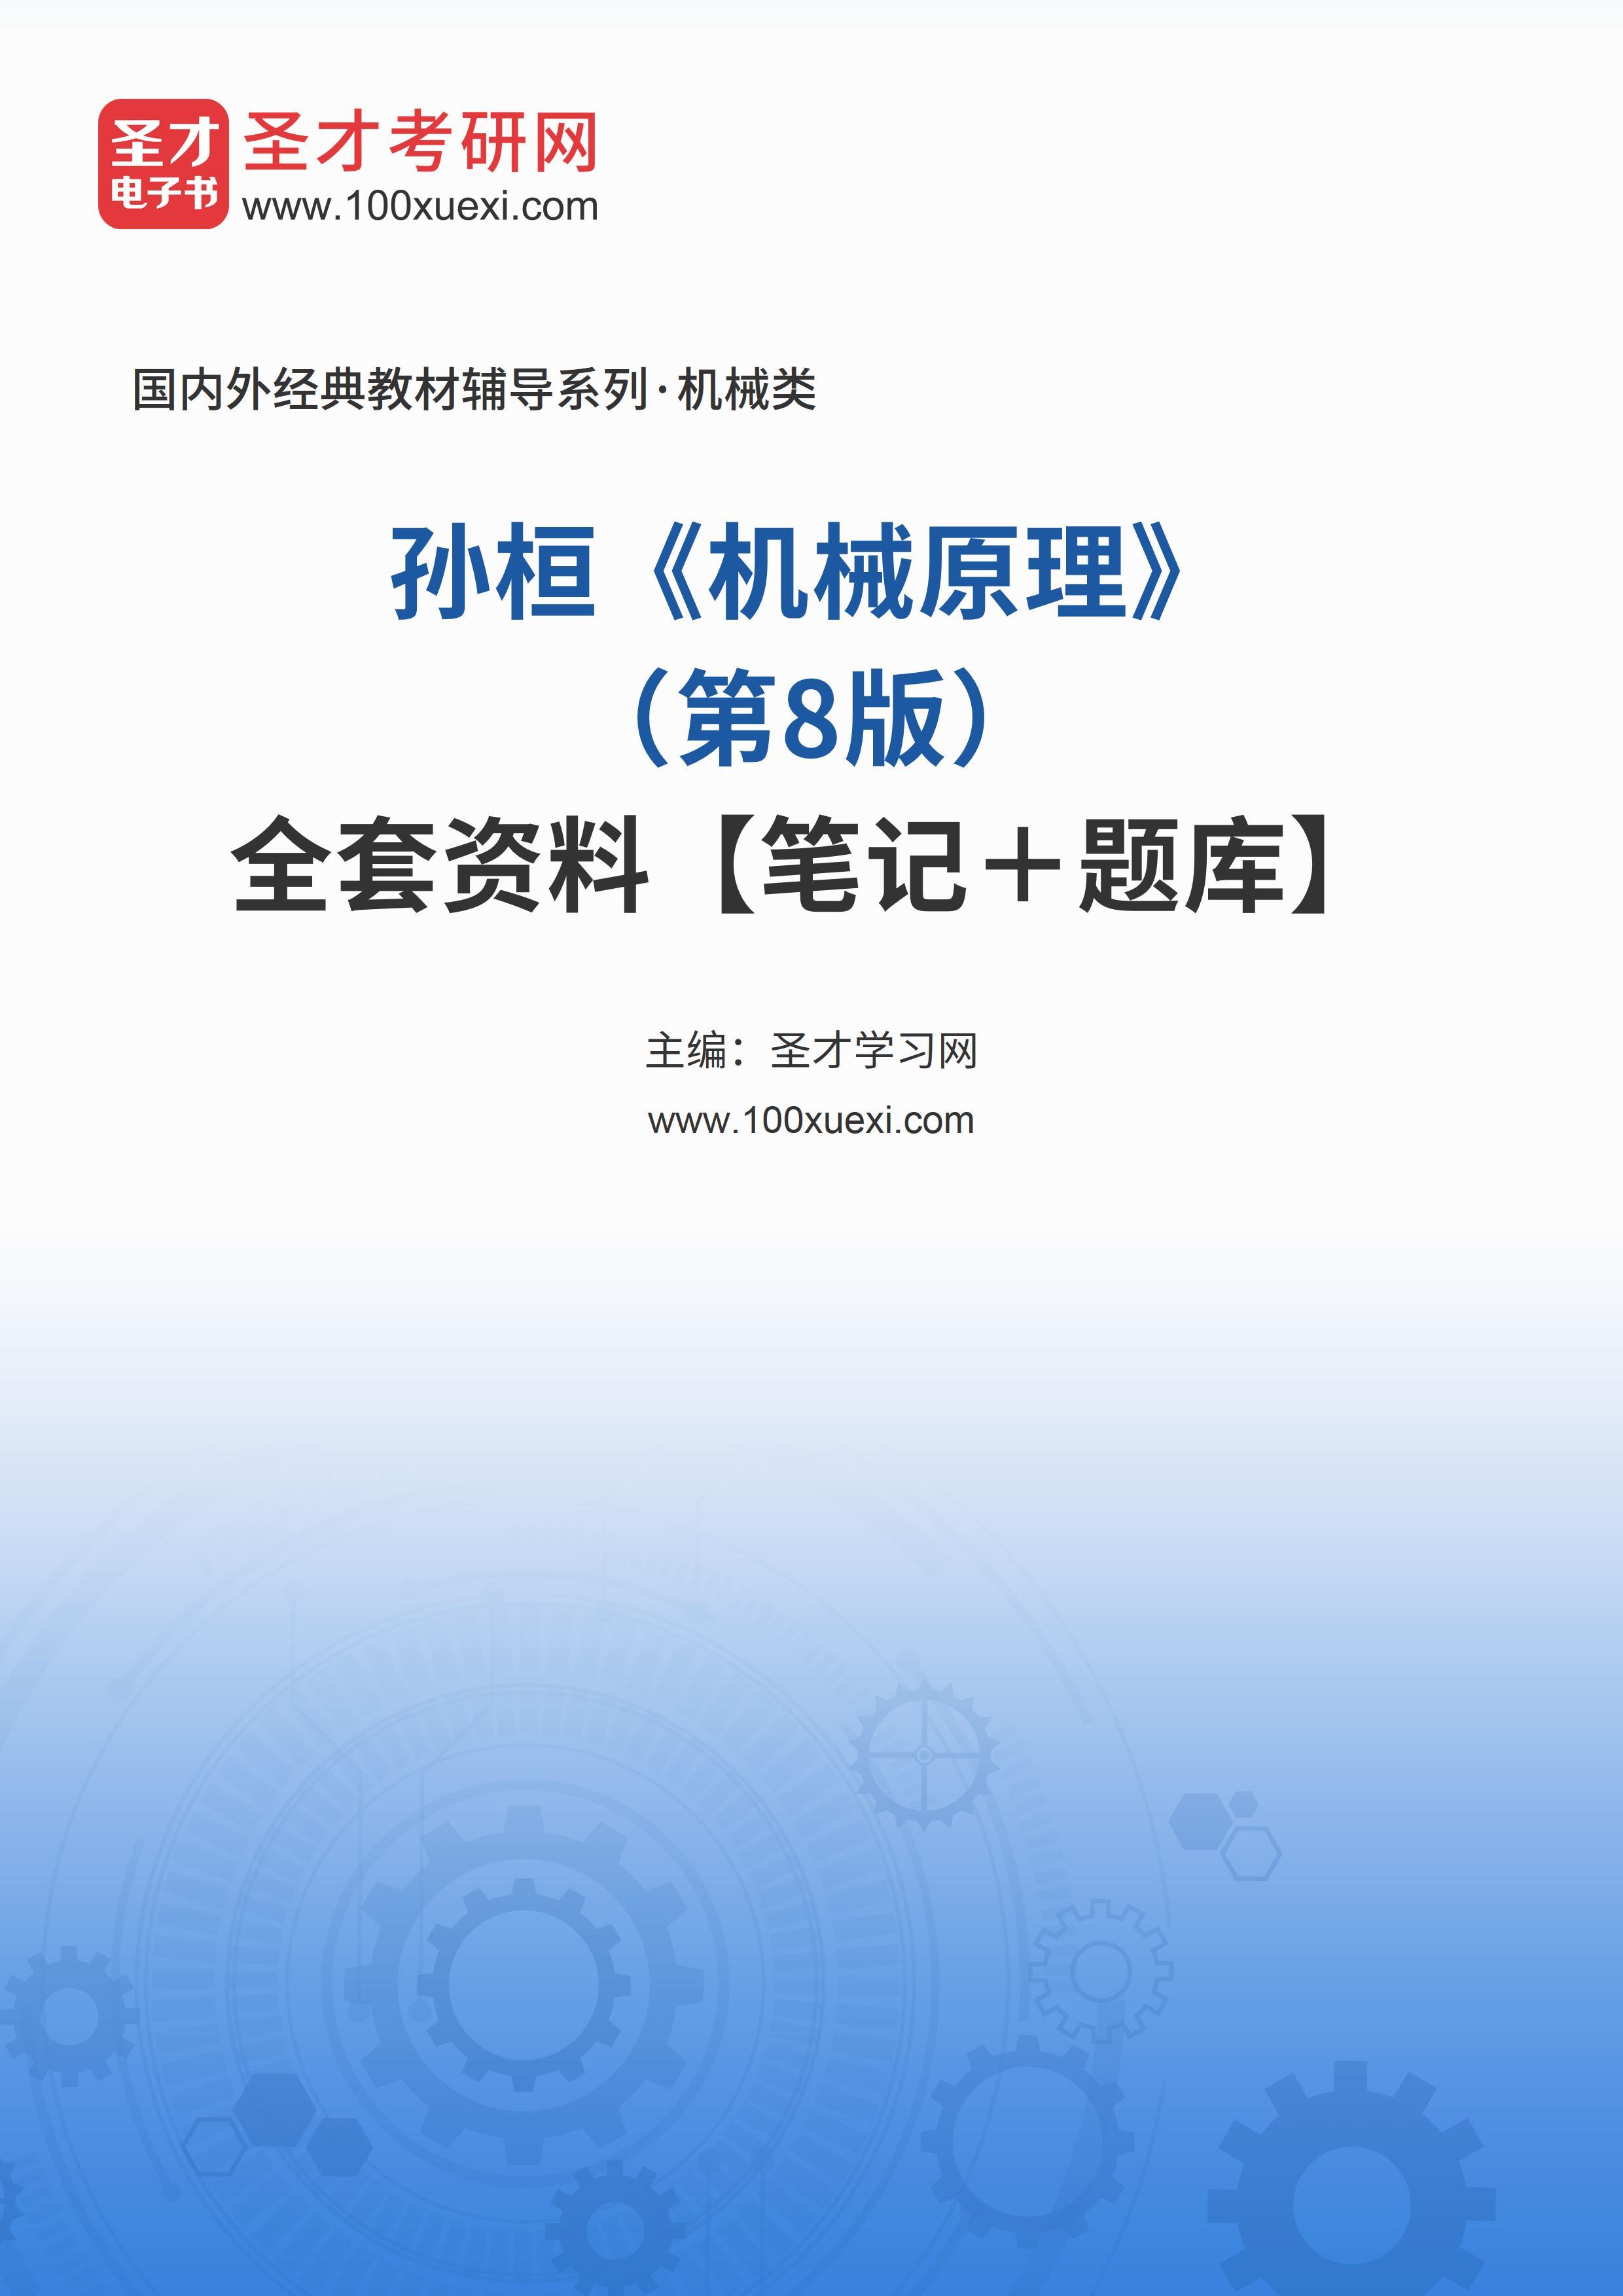 孙桓《机械原理》(第8版)全套资料【笔记+题库】